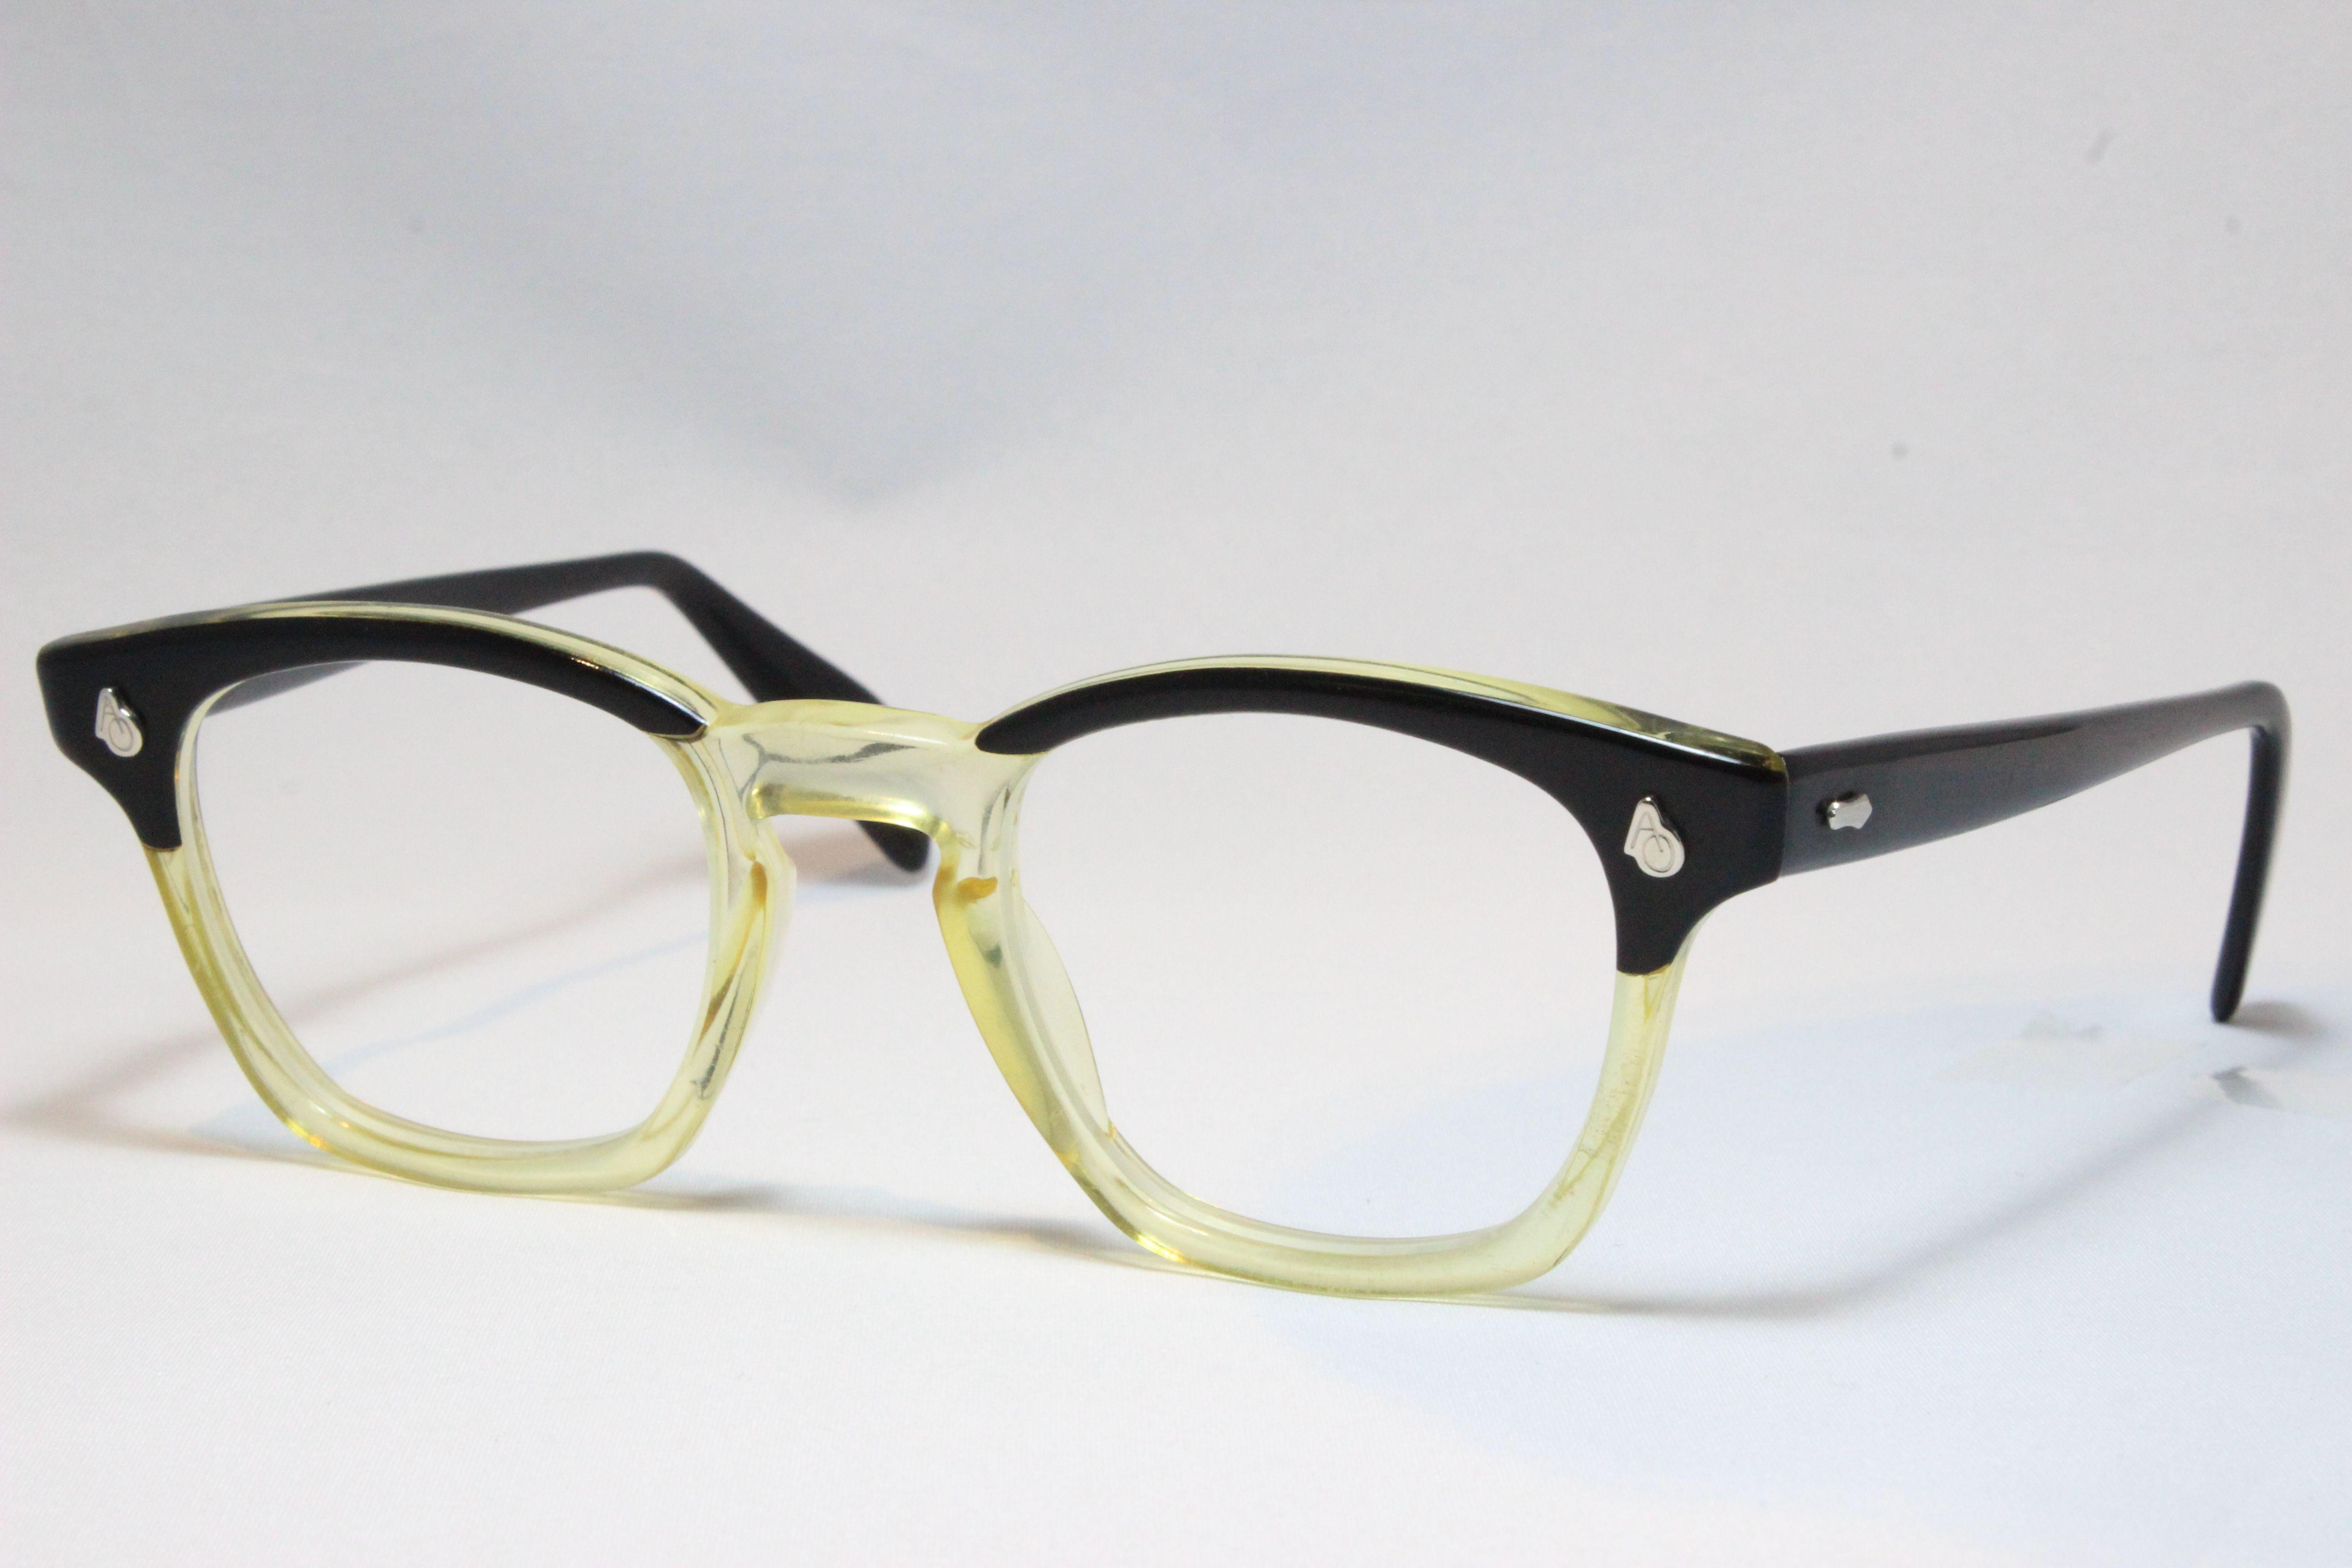 【送料無料】AMERICAN OPTICAL 1950'S BLACK YELLOW アメリカンオプティカル ヴィンテージメガネ (AO-026)